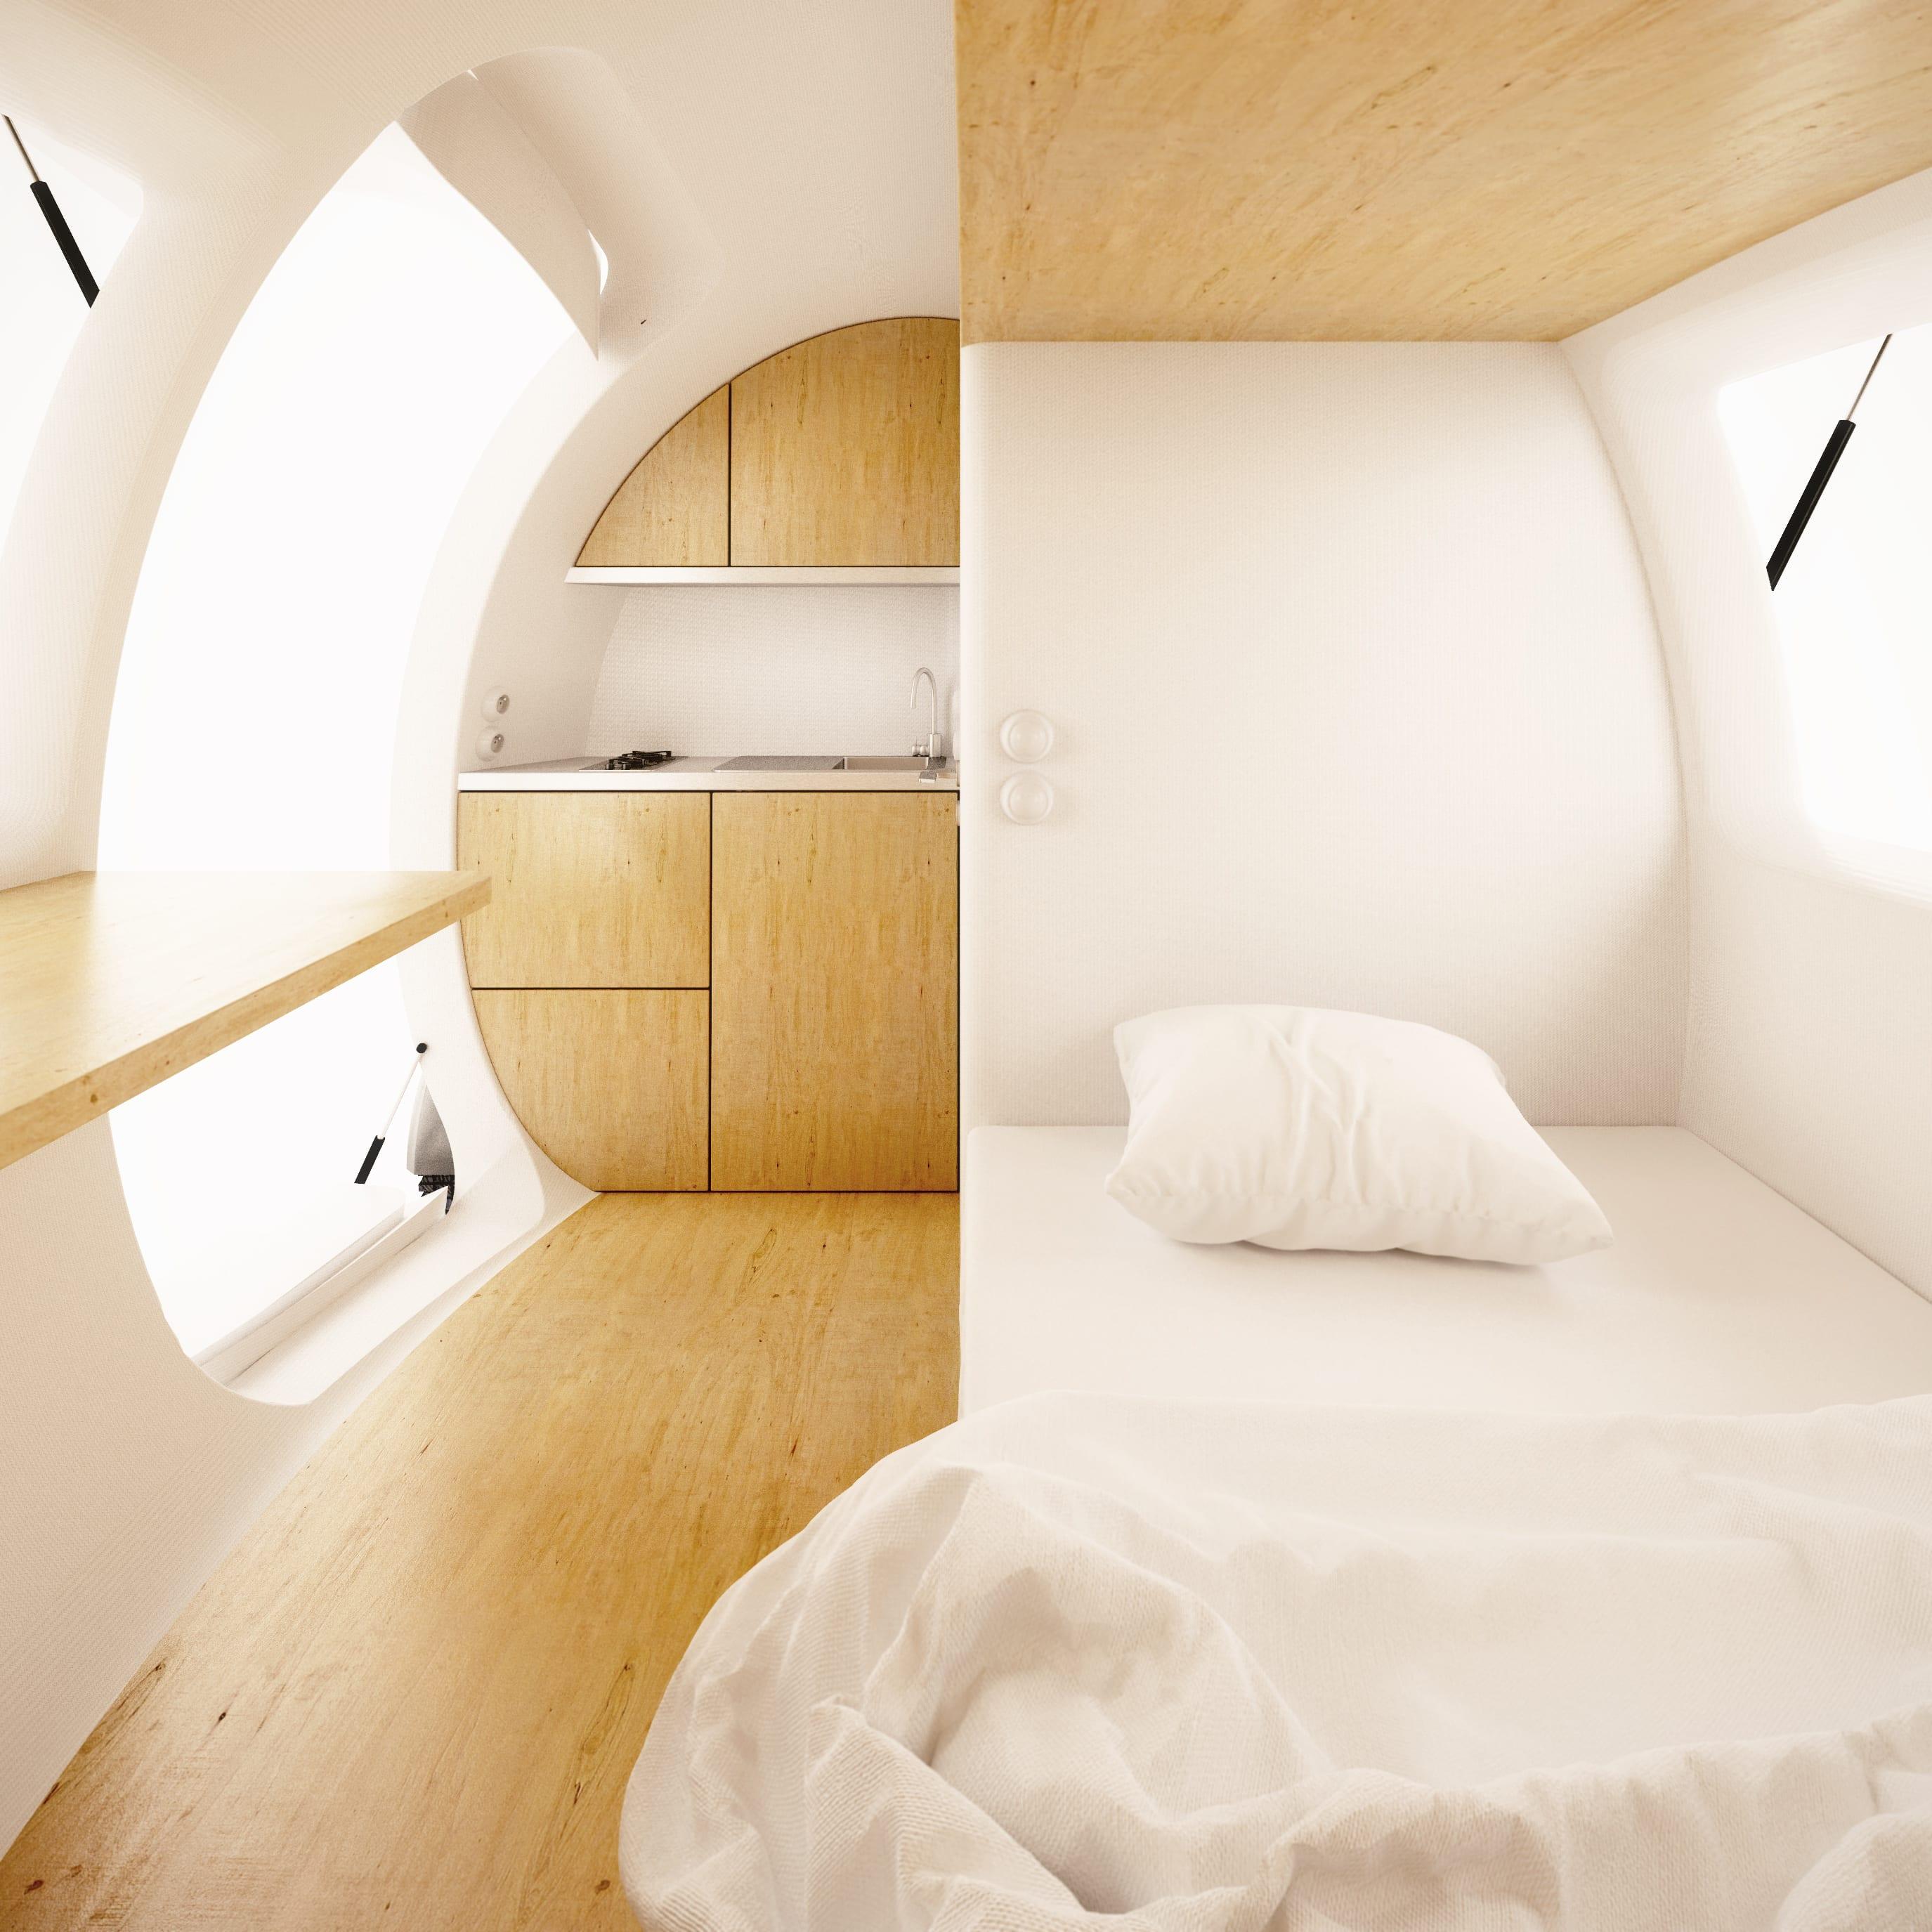 Geräumig Betten Für Kleine Zimmer Dekoration Von Kleines Mit Bett Und Küchenzeile